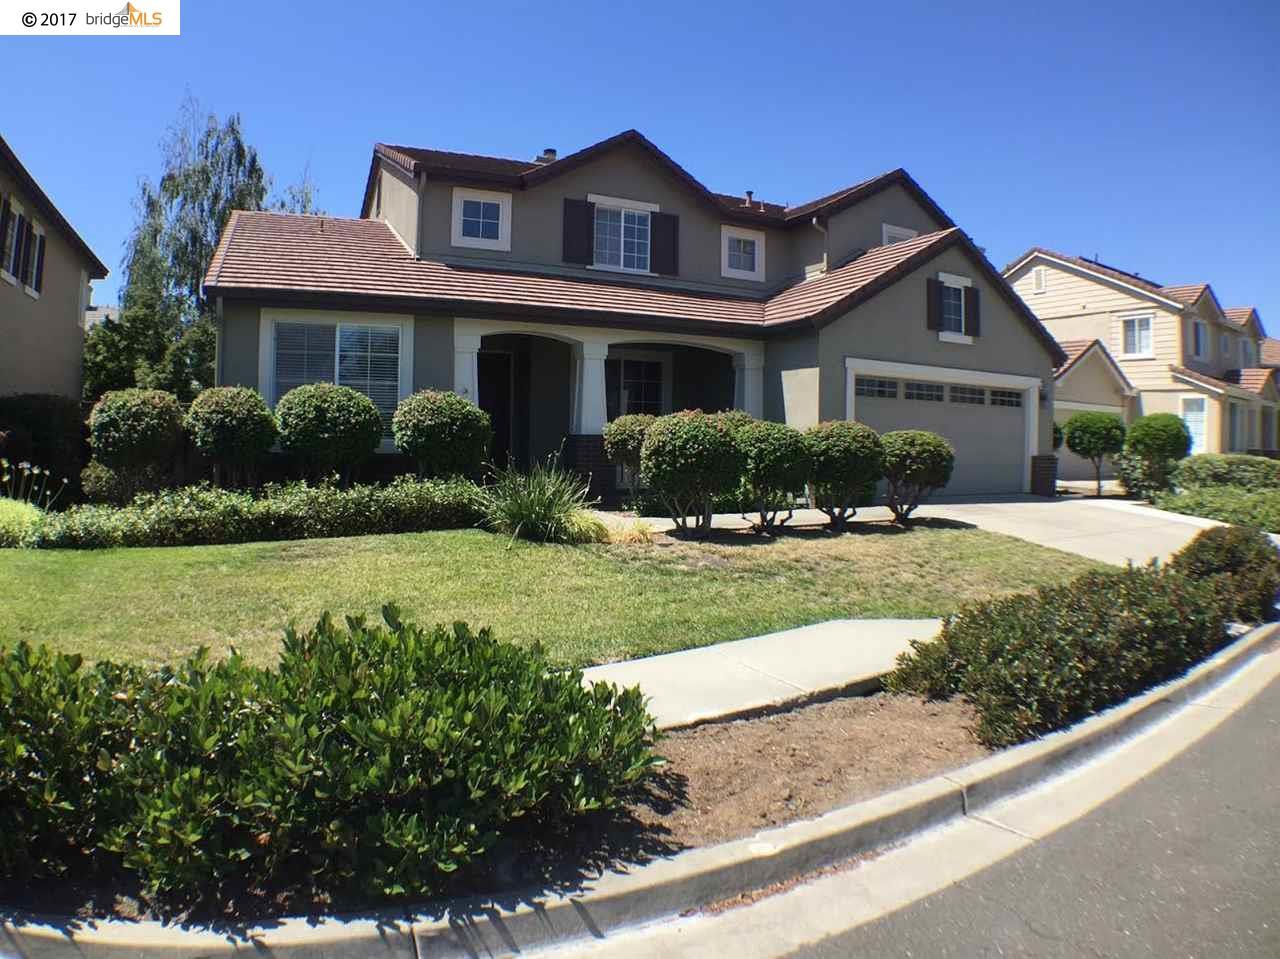 واحد منزل الأسرة للـ Rent في 4579 Meyer Park Circle Fremont, California 94536 United States